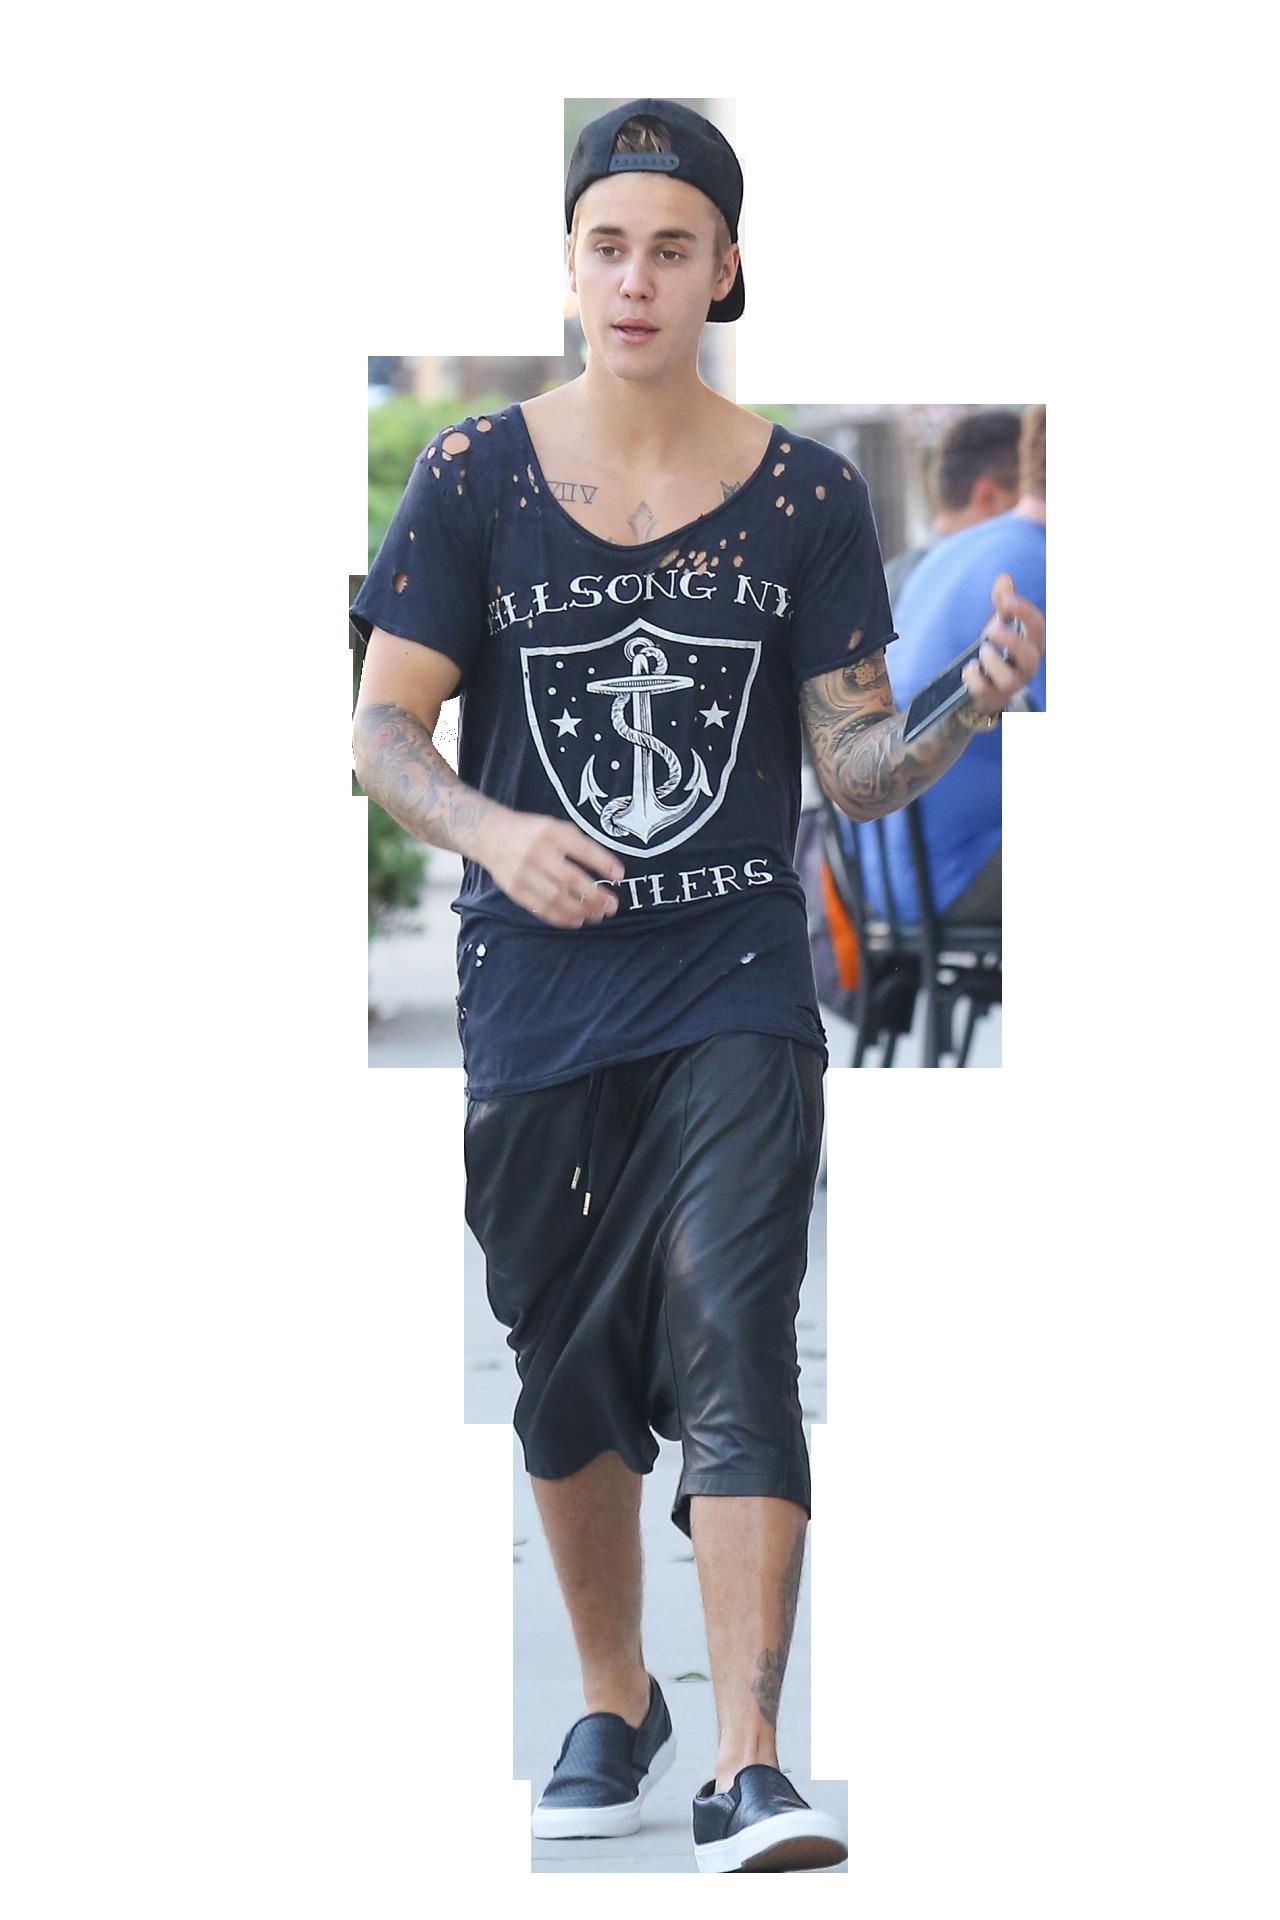 Justin Bieber Walking PNG Image